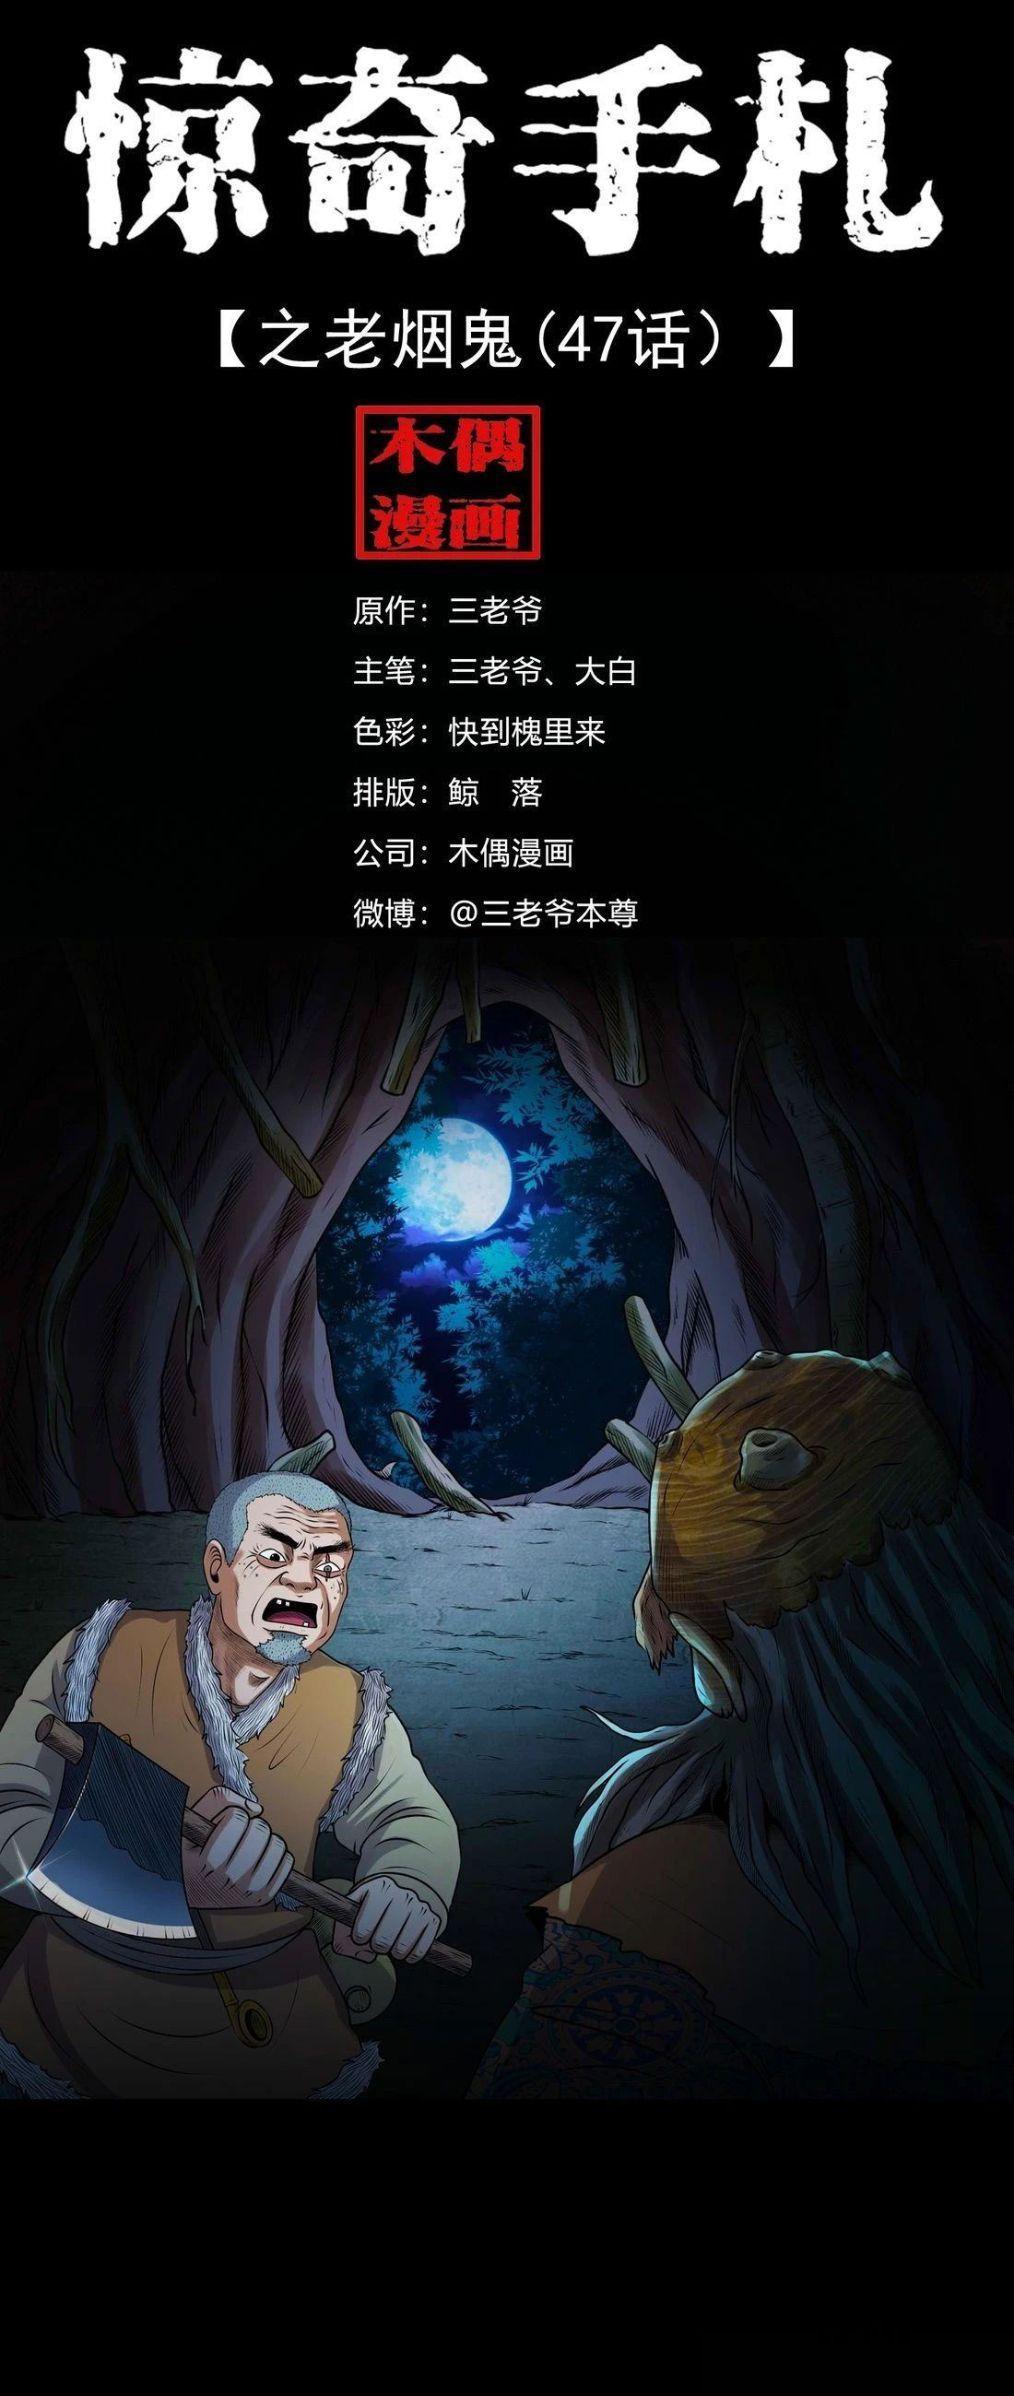 僵尸王漫画:惊奇手札之老烟鬼(47)